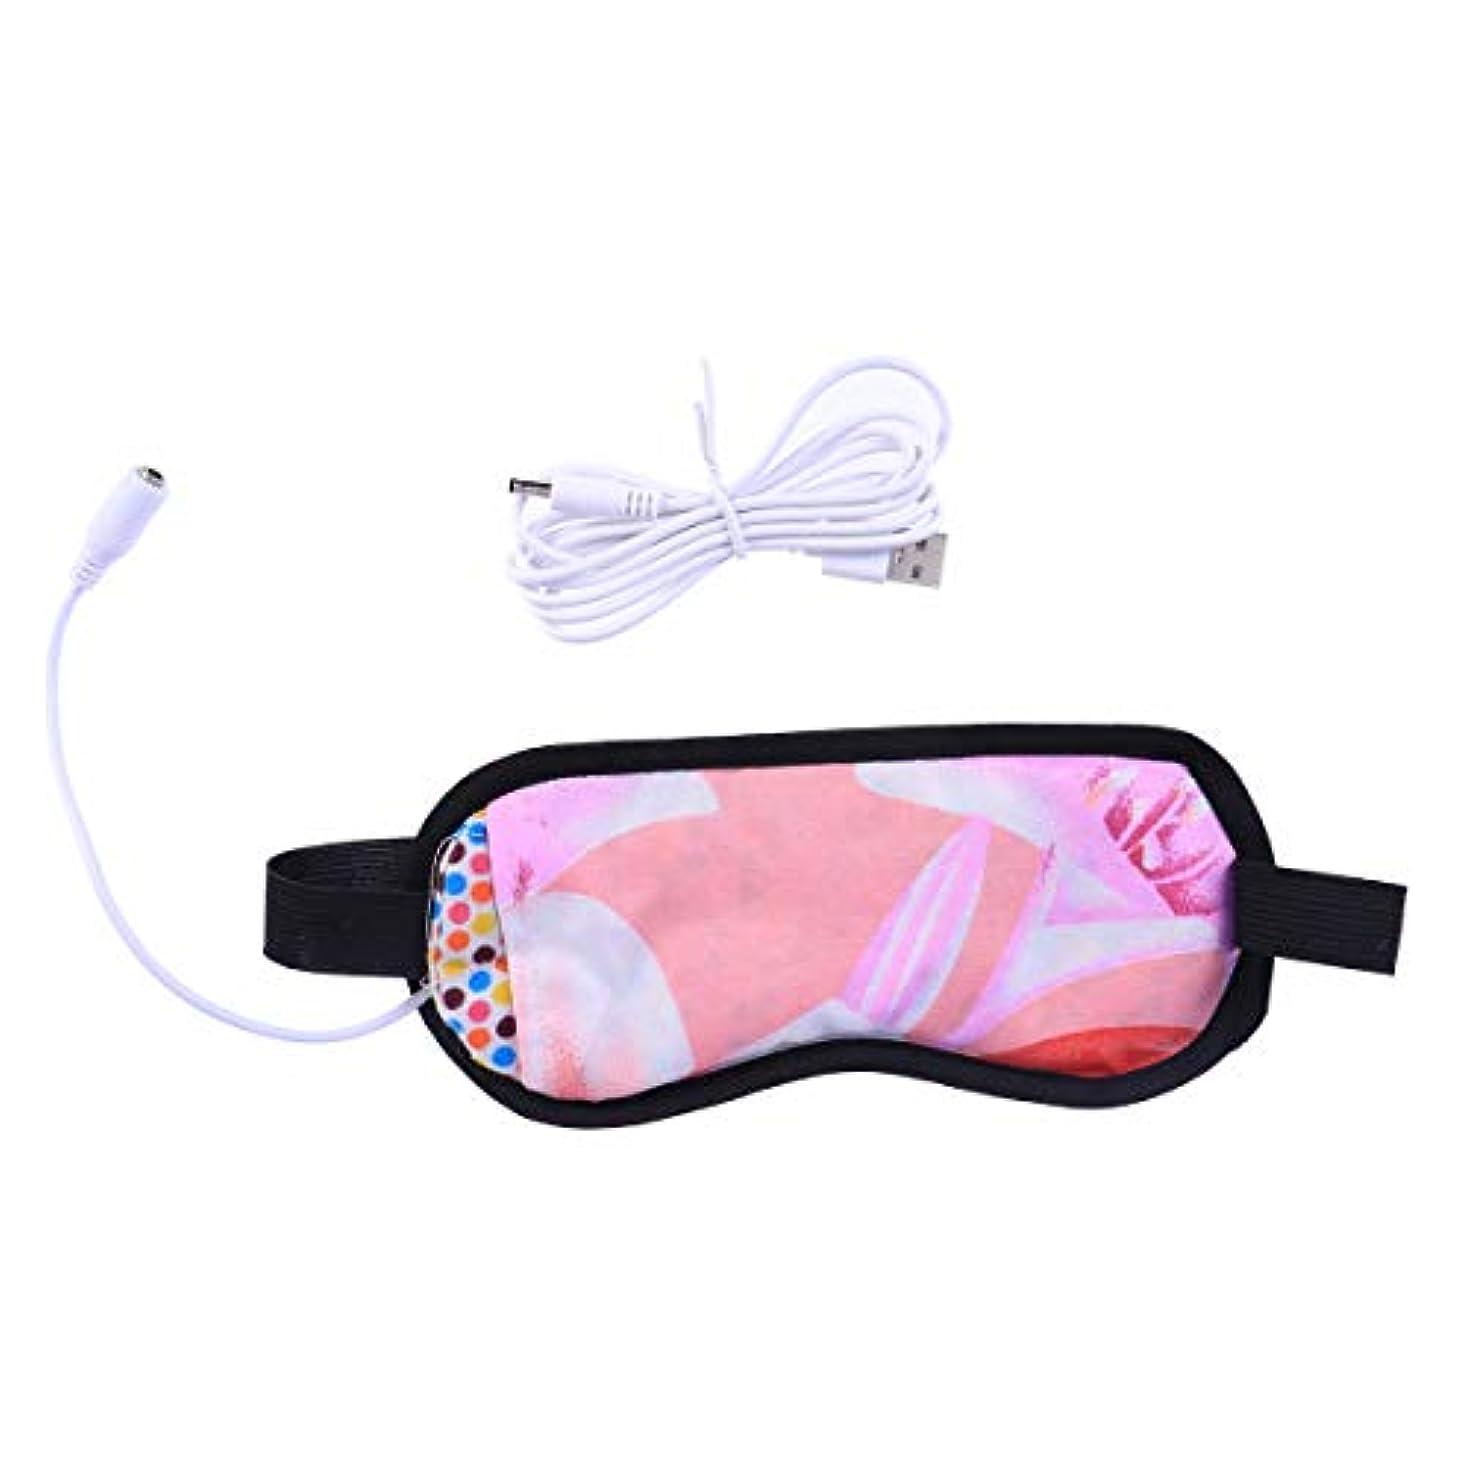 Healifty USBケーブル付きUSB加熱アイマスクポータブルスリープマスク